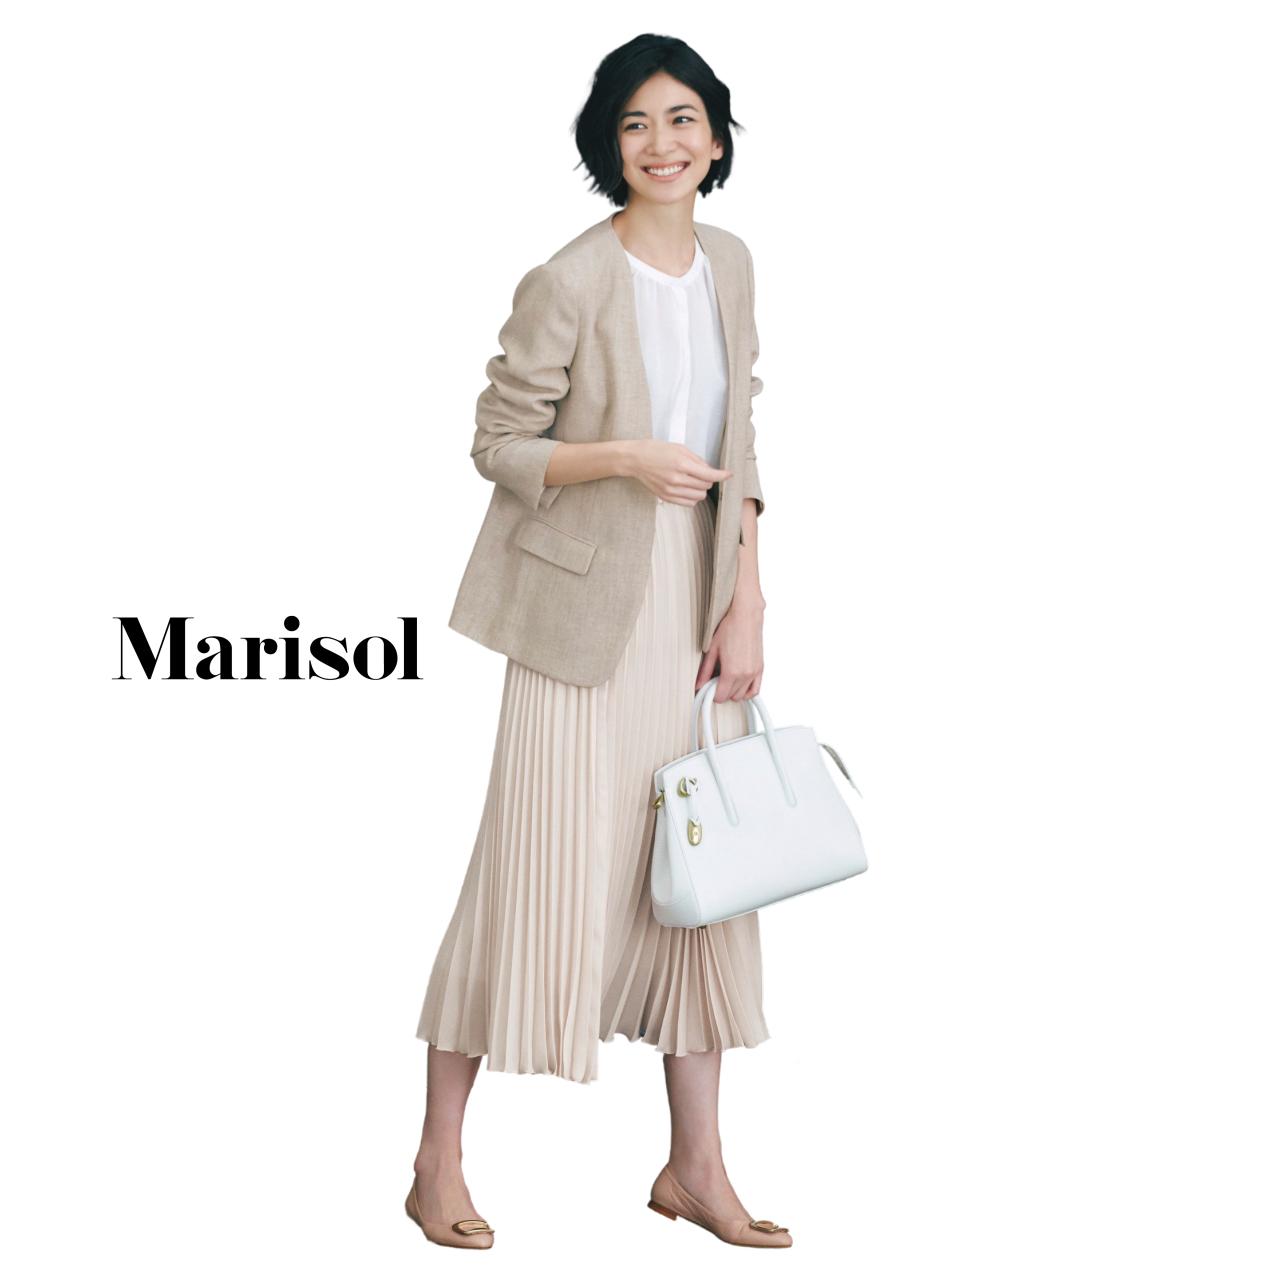 40代ファッション ベージュジャケット×ベージュプリーツスカート コーデ